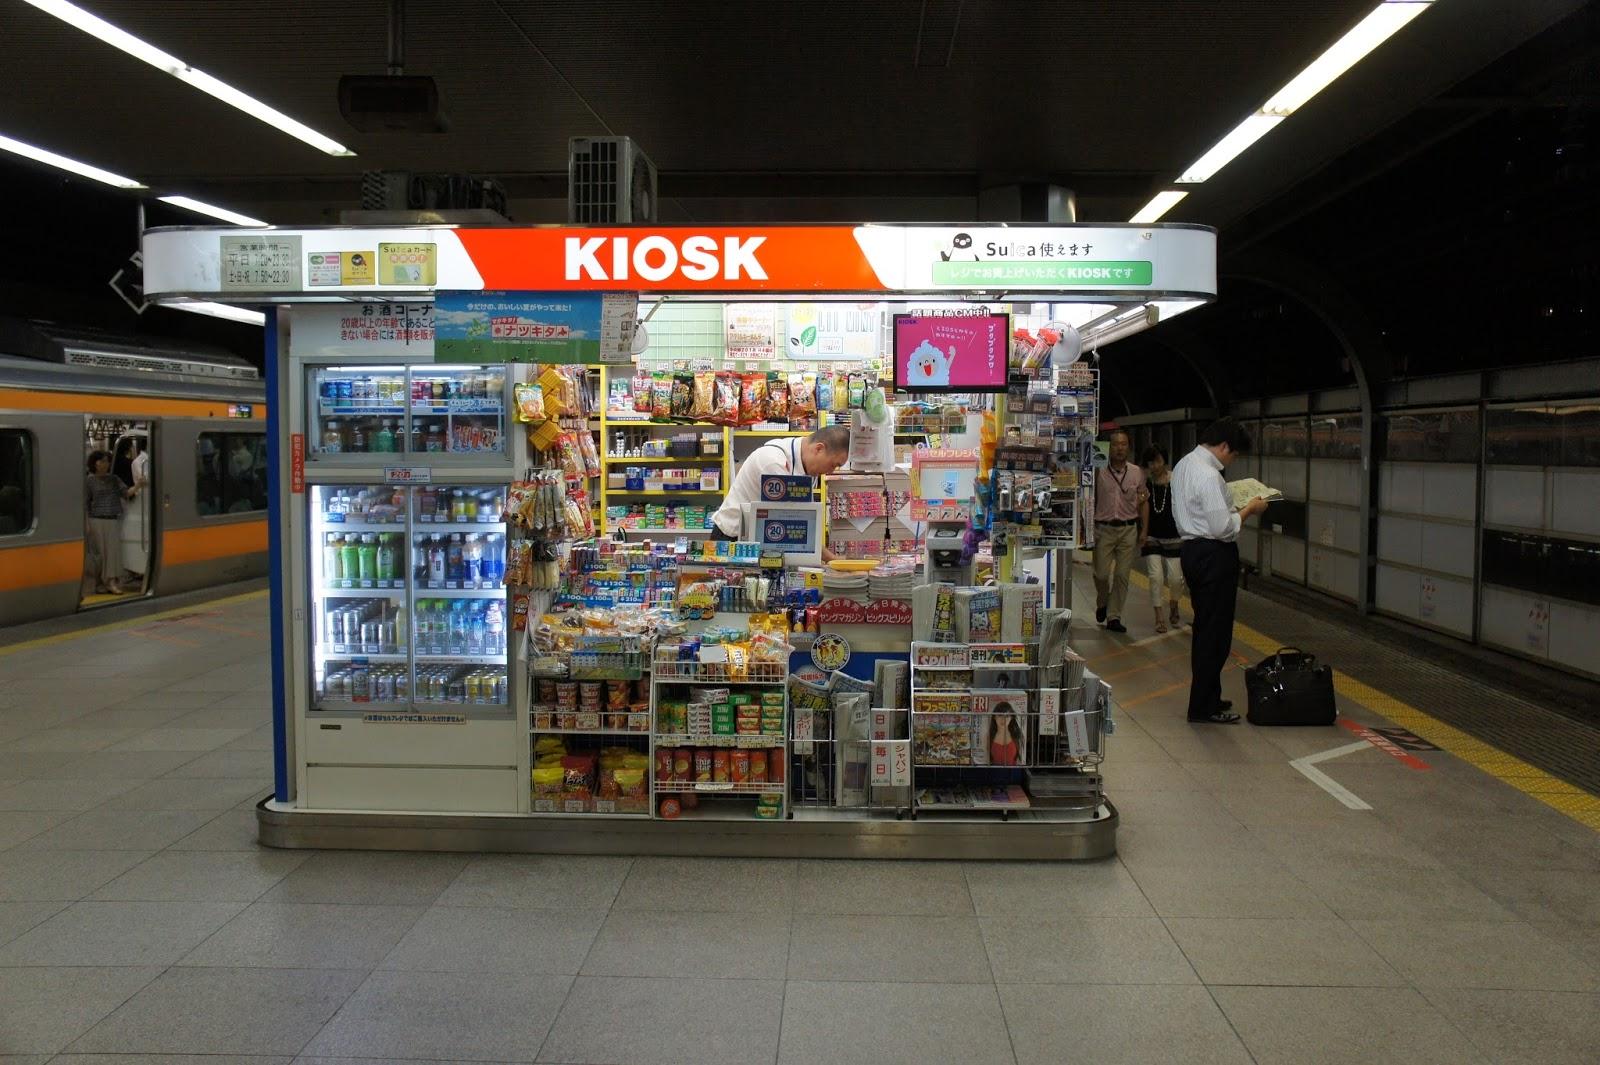 JR車站小商店「KIOSK」的日文怎麼念?一起來看「 KIOSK」 的有趣故事吧! - 快快樂樂學日文